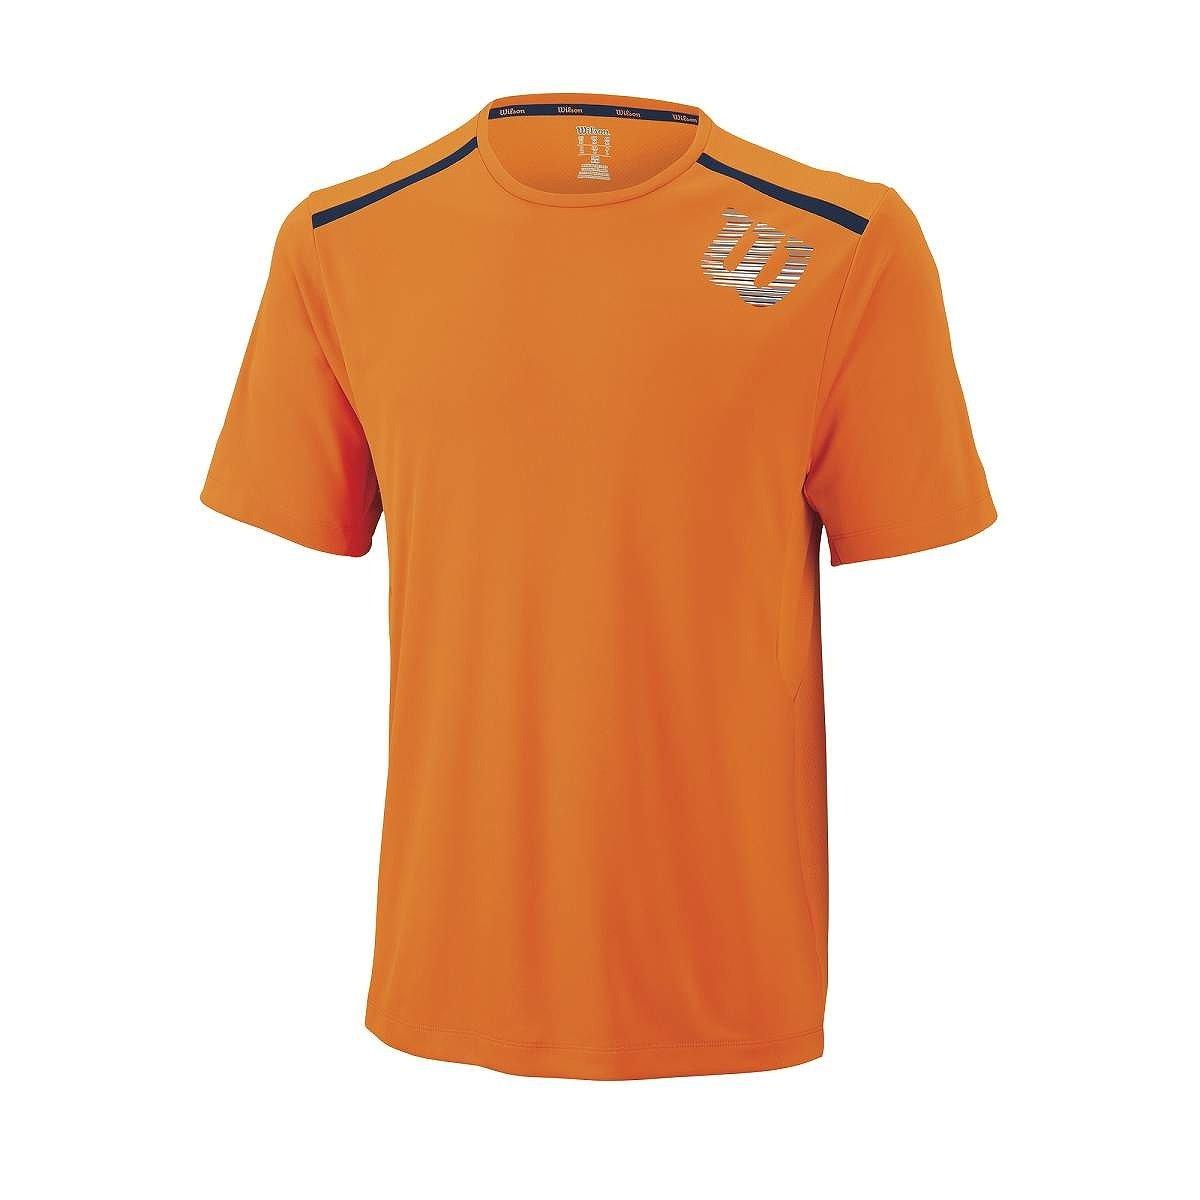 Wilson M SP Linear Blur Print Crew Clem - Camiseta para Hombre  Amazon.es   Deportes y aire libre 67c5839a7180